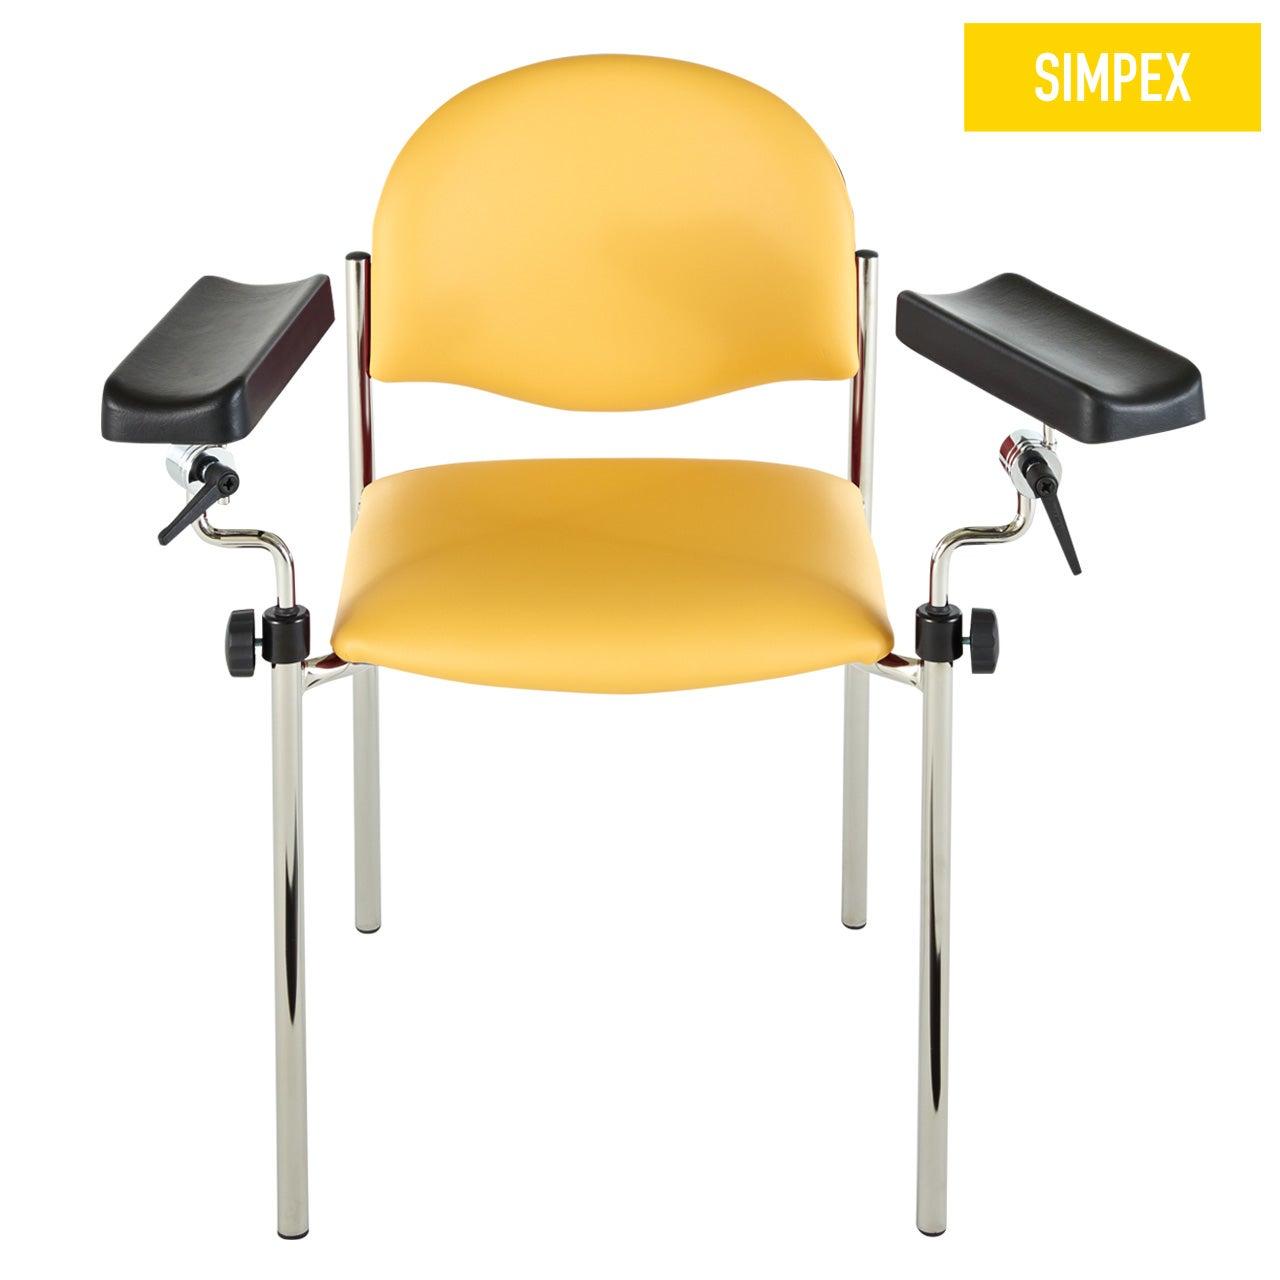 Blutentnahmestuhl Stuhl HAEMO-LINEA Vario Perfekta mit Kunstleder in gelb (mais) und einem Gestell aus Stahl verchromt von SIMPEX